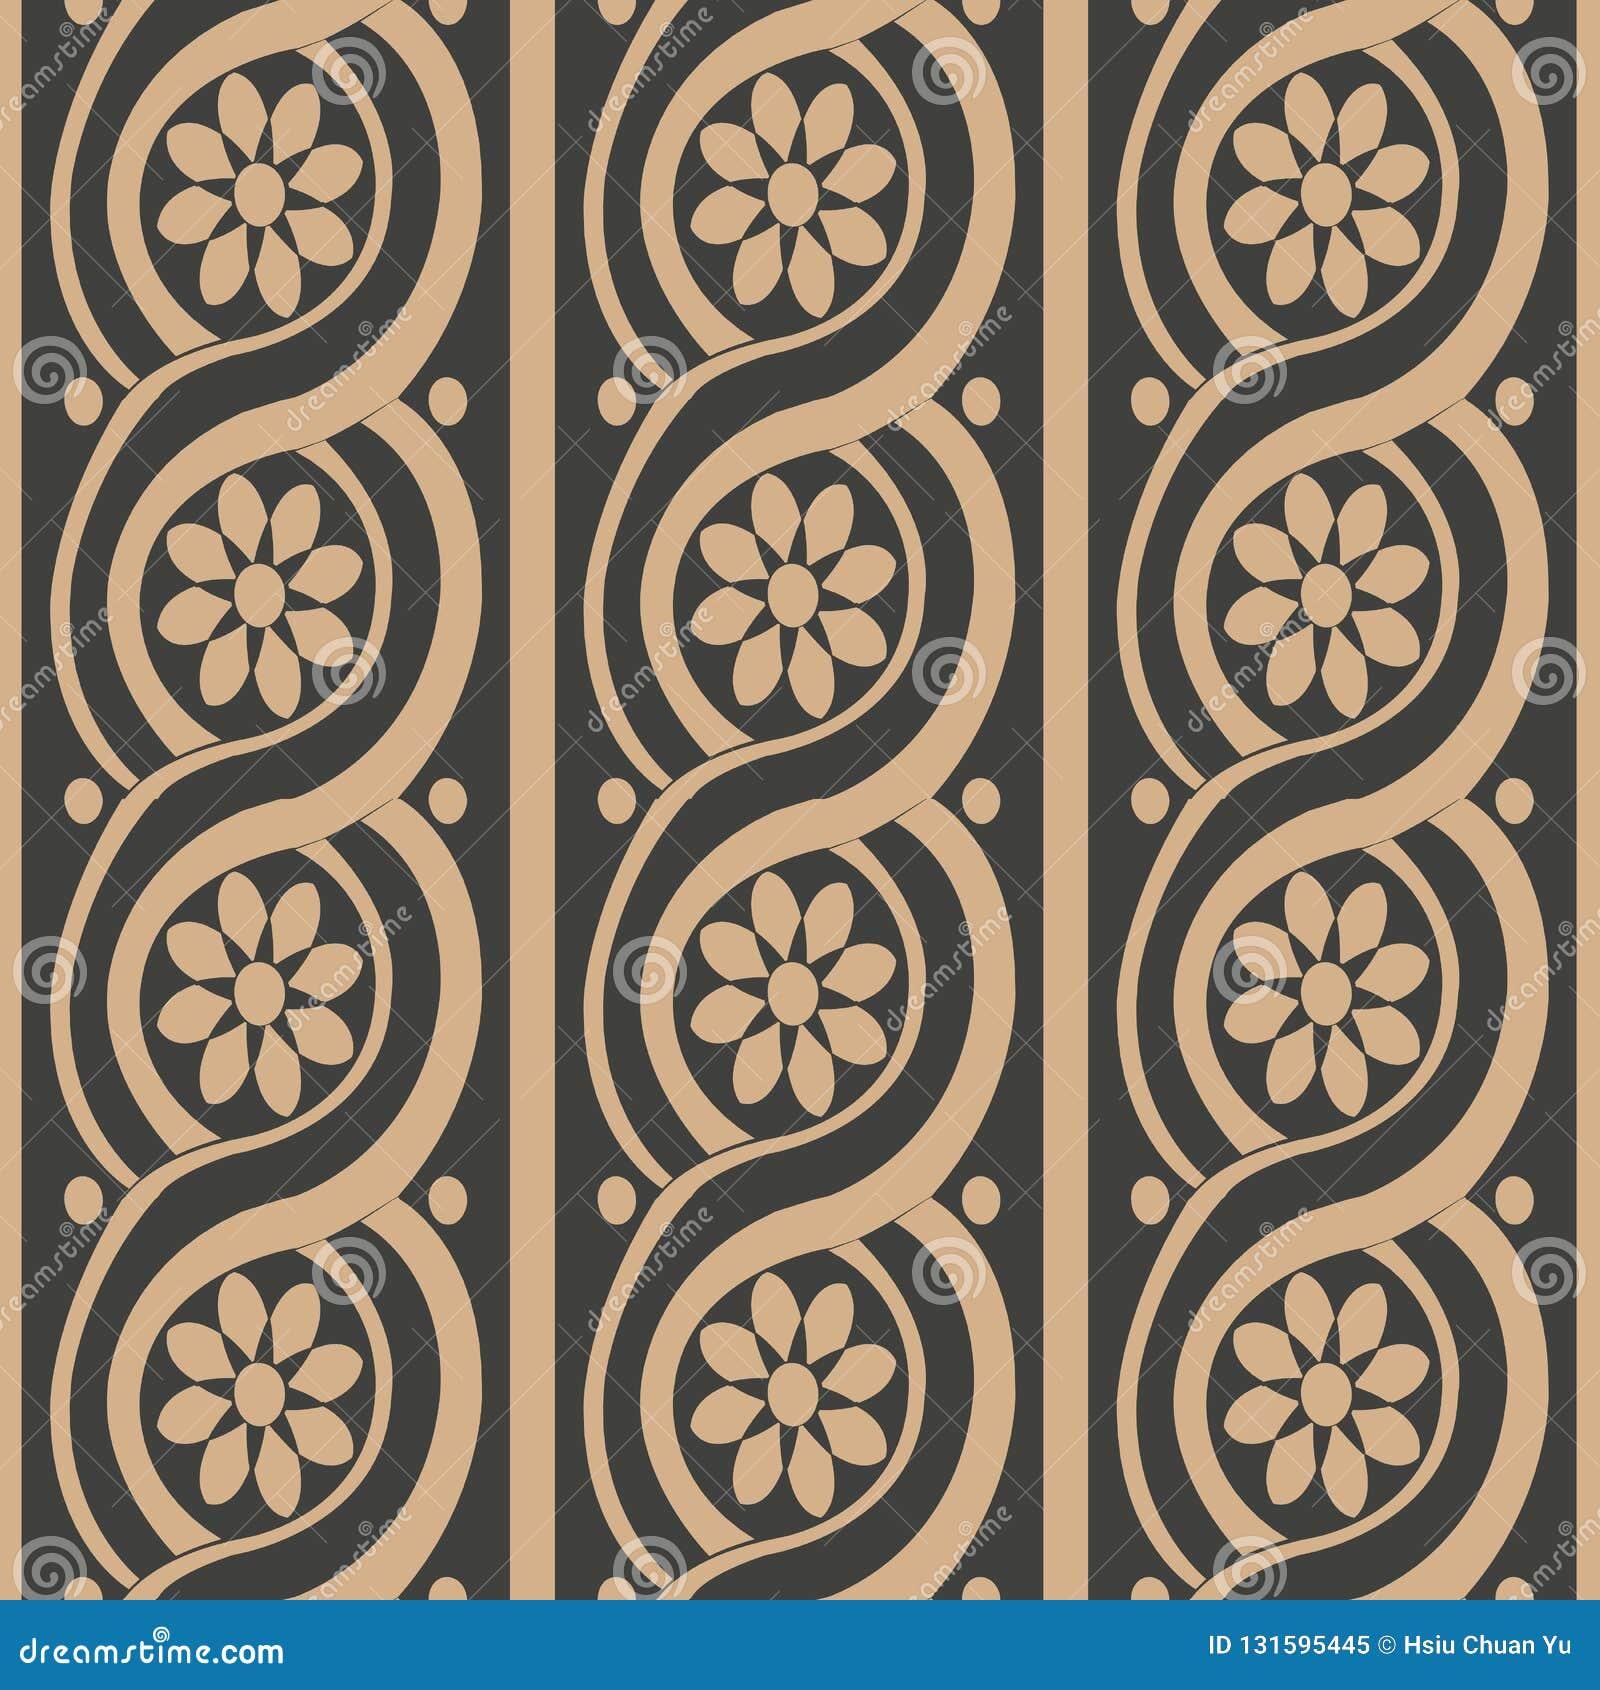 För modellbakgrund för vektor linje för ram för damast sömlös retro kurva spiral rund arg blomma Elegant lyxig brun signaldesign